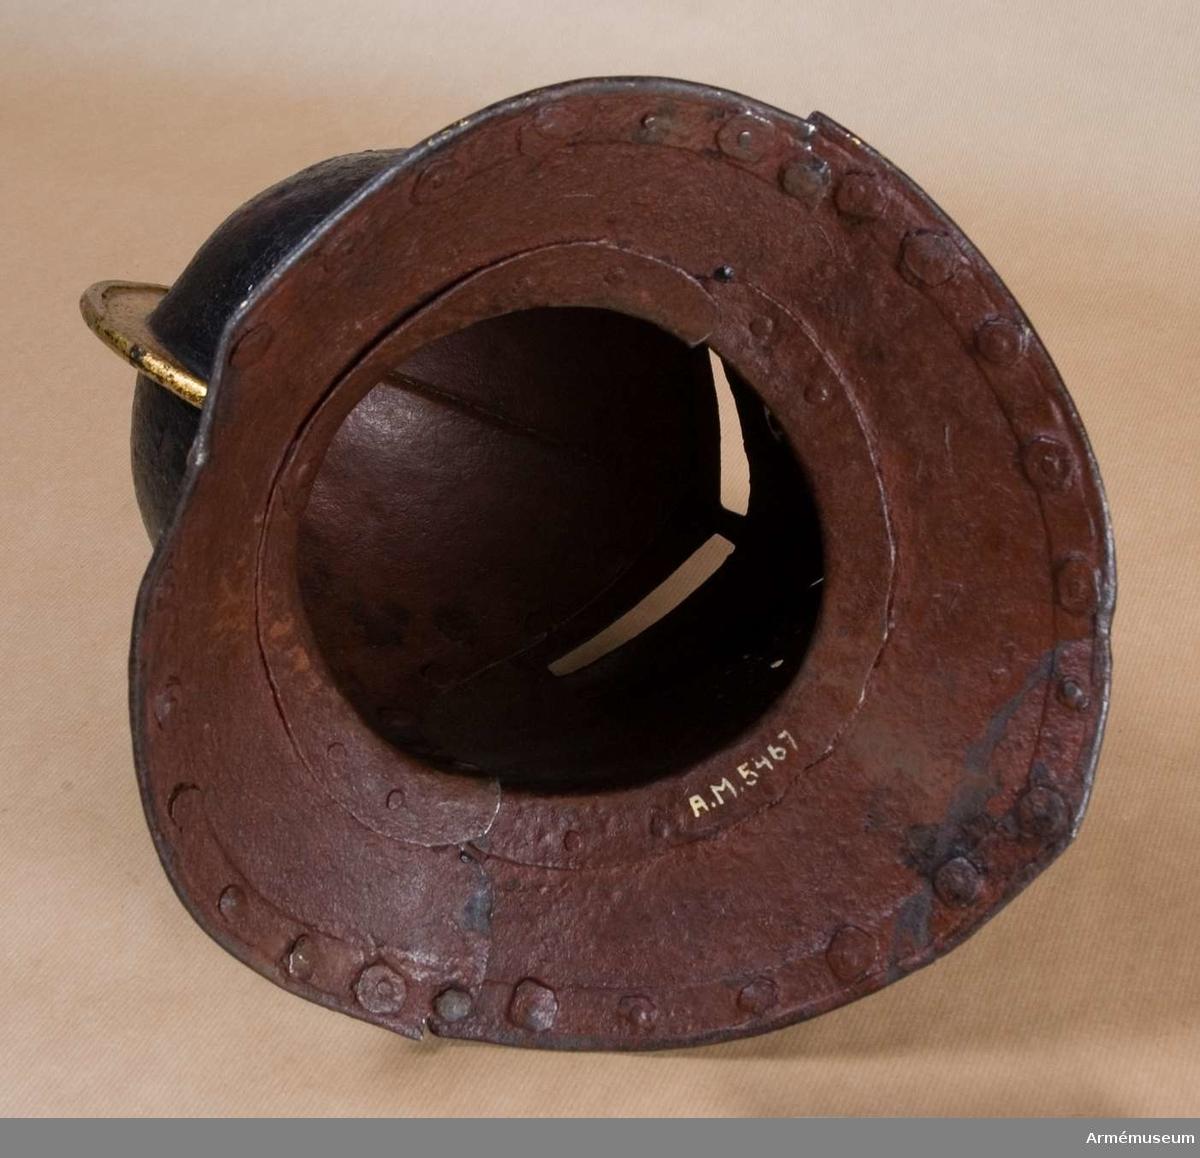 Grupp D IV. Ur halvrustning för kyrrassiär 1600-1650. Består av harnesk, hjälm, bentyg, ryggskena och visirhjälm. Mage och armtyg fattas.